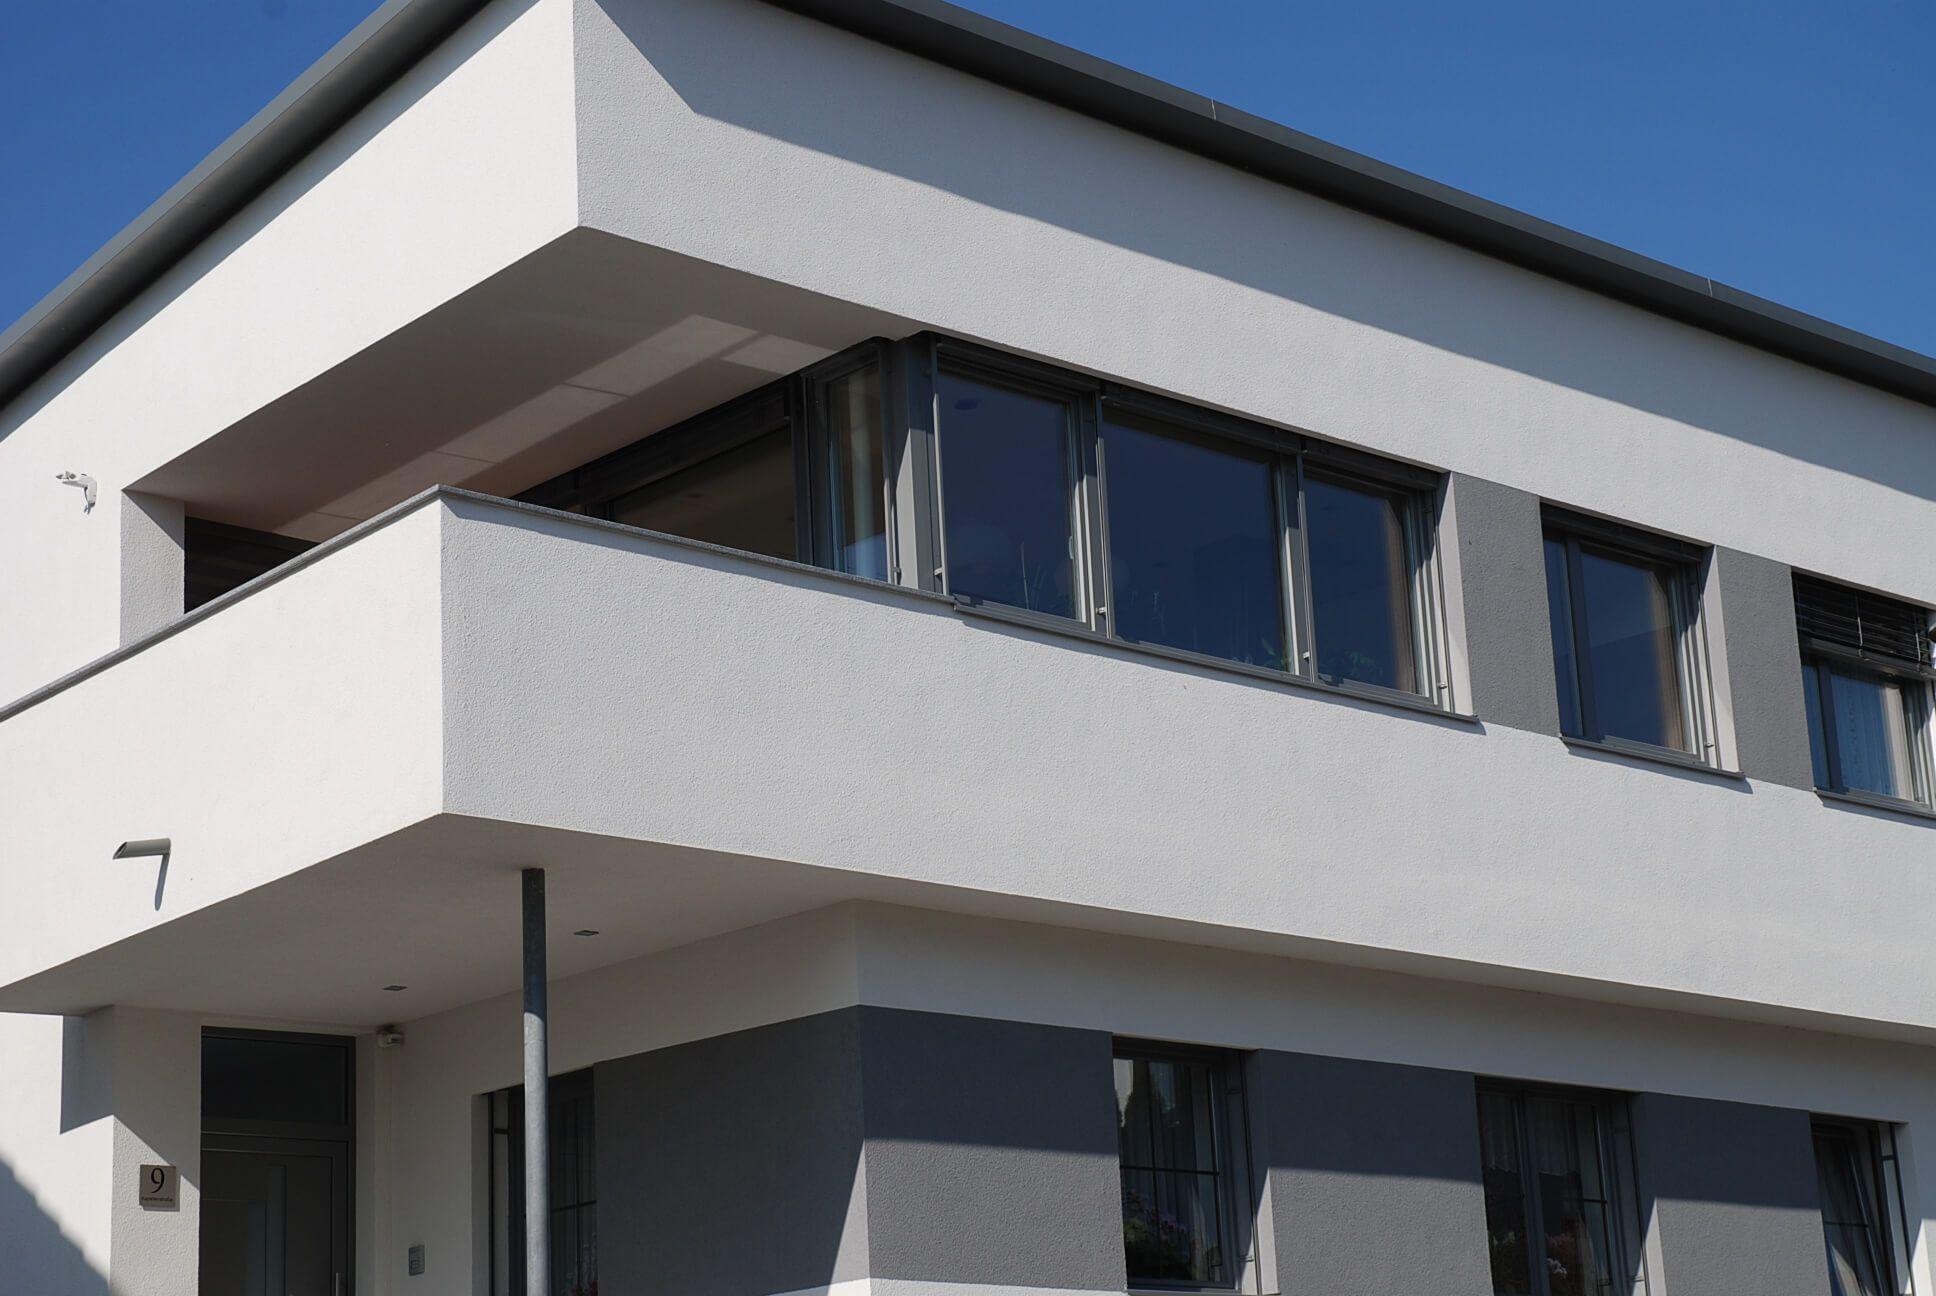 Full Size of Einbruchschutz Fenster Rc2 Style At Home Rc3 Insektenschutz Mit Eingebauten Rolladen Maße Landhaus Schüko Jalousie Online Konfigurator Folie Schallschutz Fenster Fenster Einbruchschutz